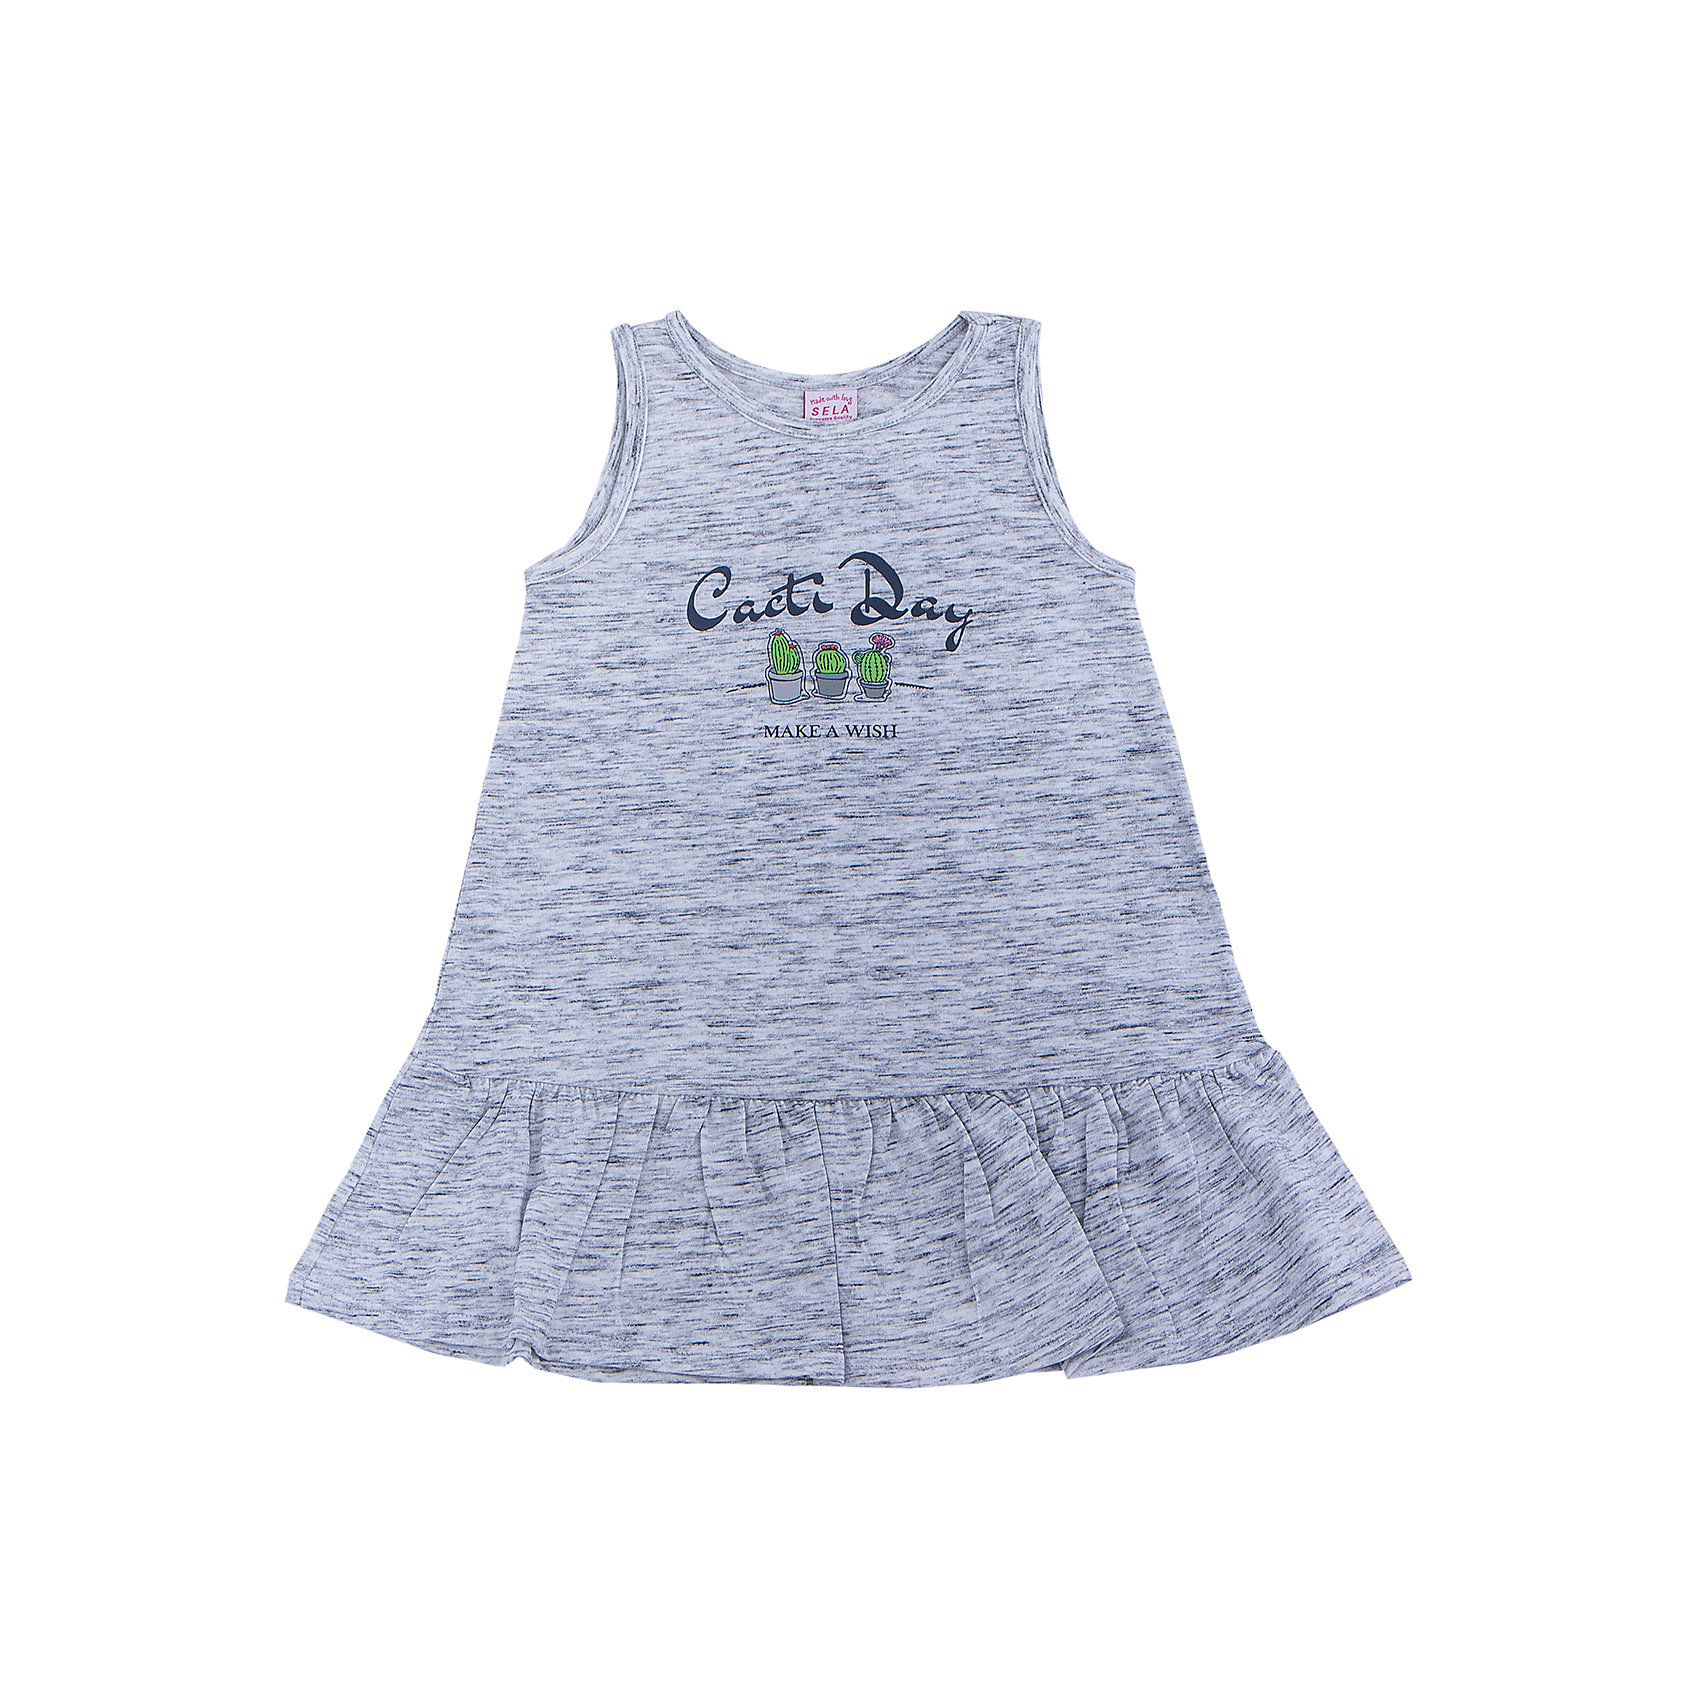 Платье для девочки SELAПлатья и сарафаны<br>Платье для девочки от известного бренда SELA<br>Состав:<br>60% хлопок, 40% ПЭ<br><br>Ширина мм: 236<br>Глубина мм: 16<br>Высота мм: 184<br>Вес г: 177<br>Цвет: серый<br>Возраст от месяцев: 60<br>Возраст до месяцев: 72<br>Пол: Женский<br>Возраст: Детский<br>Размер: 116,98,104,110<br>SKU: 5305406